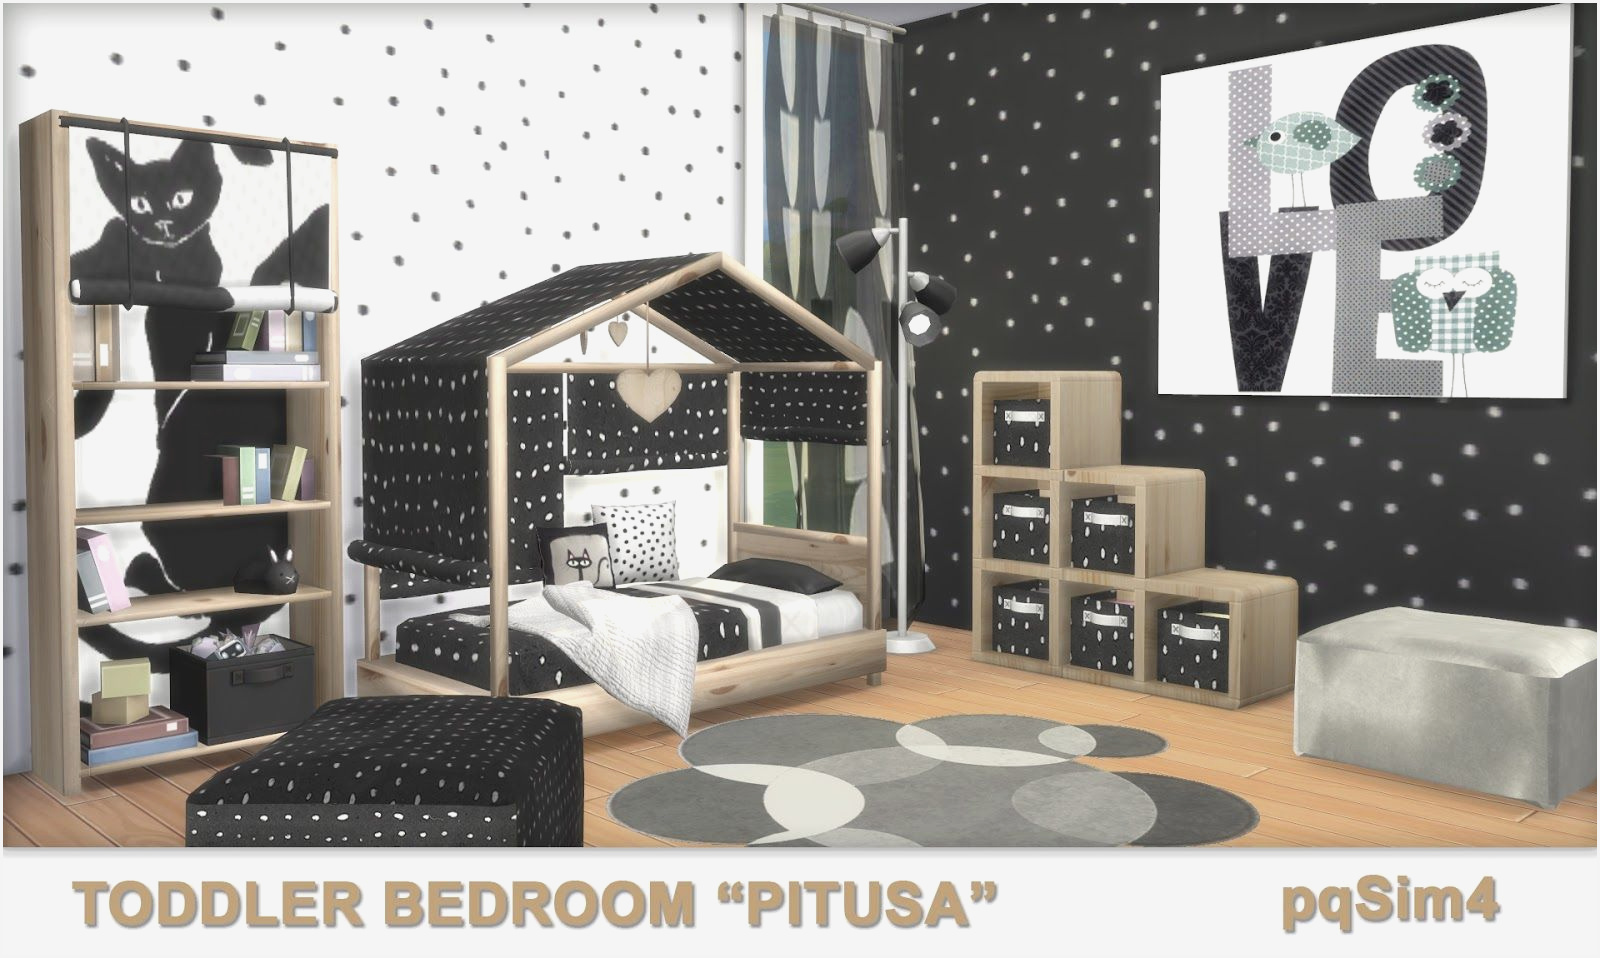 Sims 3 Design Garten Accessoires Genial Sims 3 Cc Kinderzimmer Kinderzimmer Traumhaus Dekoration